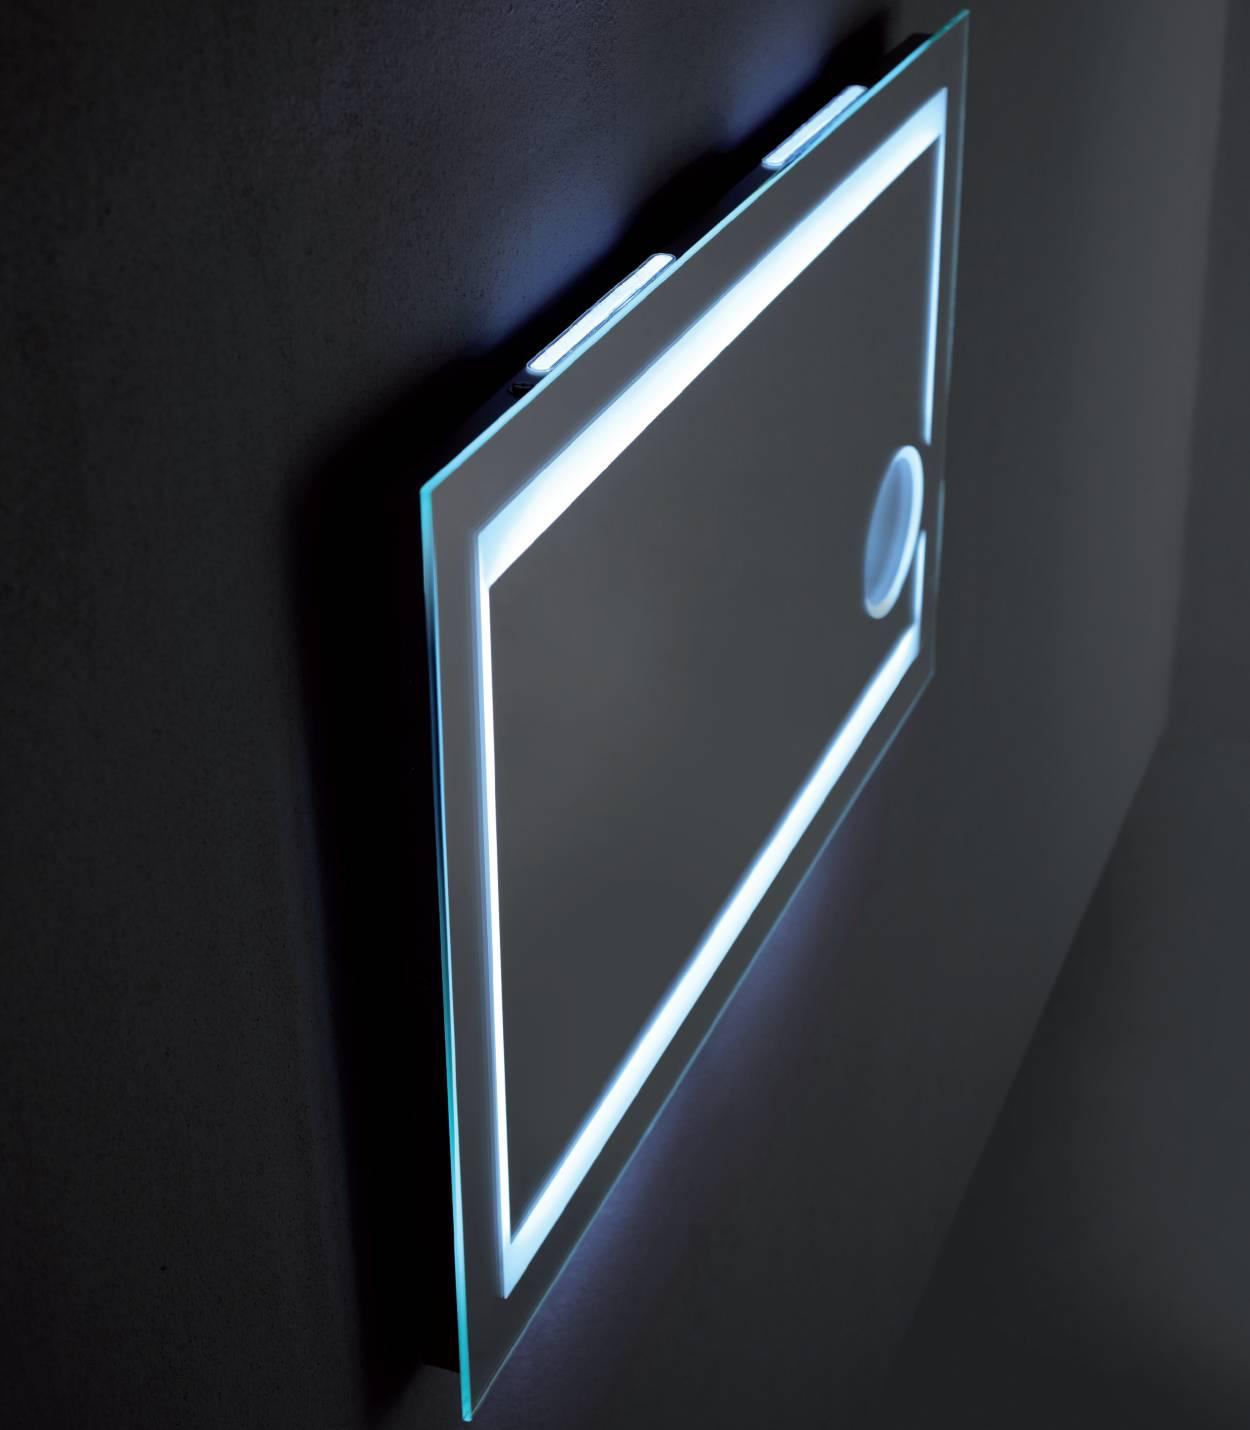 miroir_salle de bain_rétro-éclairé_led_make_up_miroir_agrandisseur_3x_lumière_led_chaud_ou_froid_mira